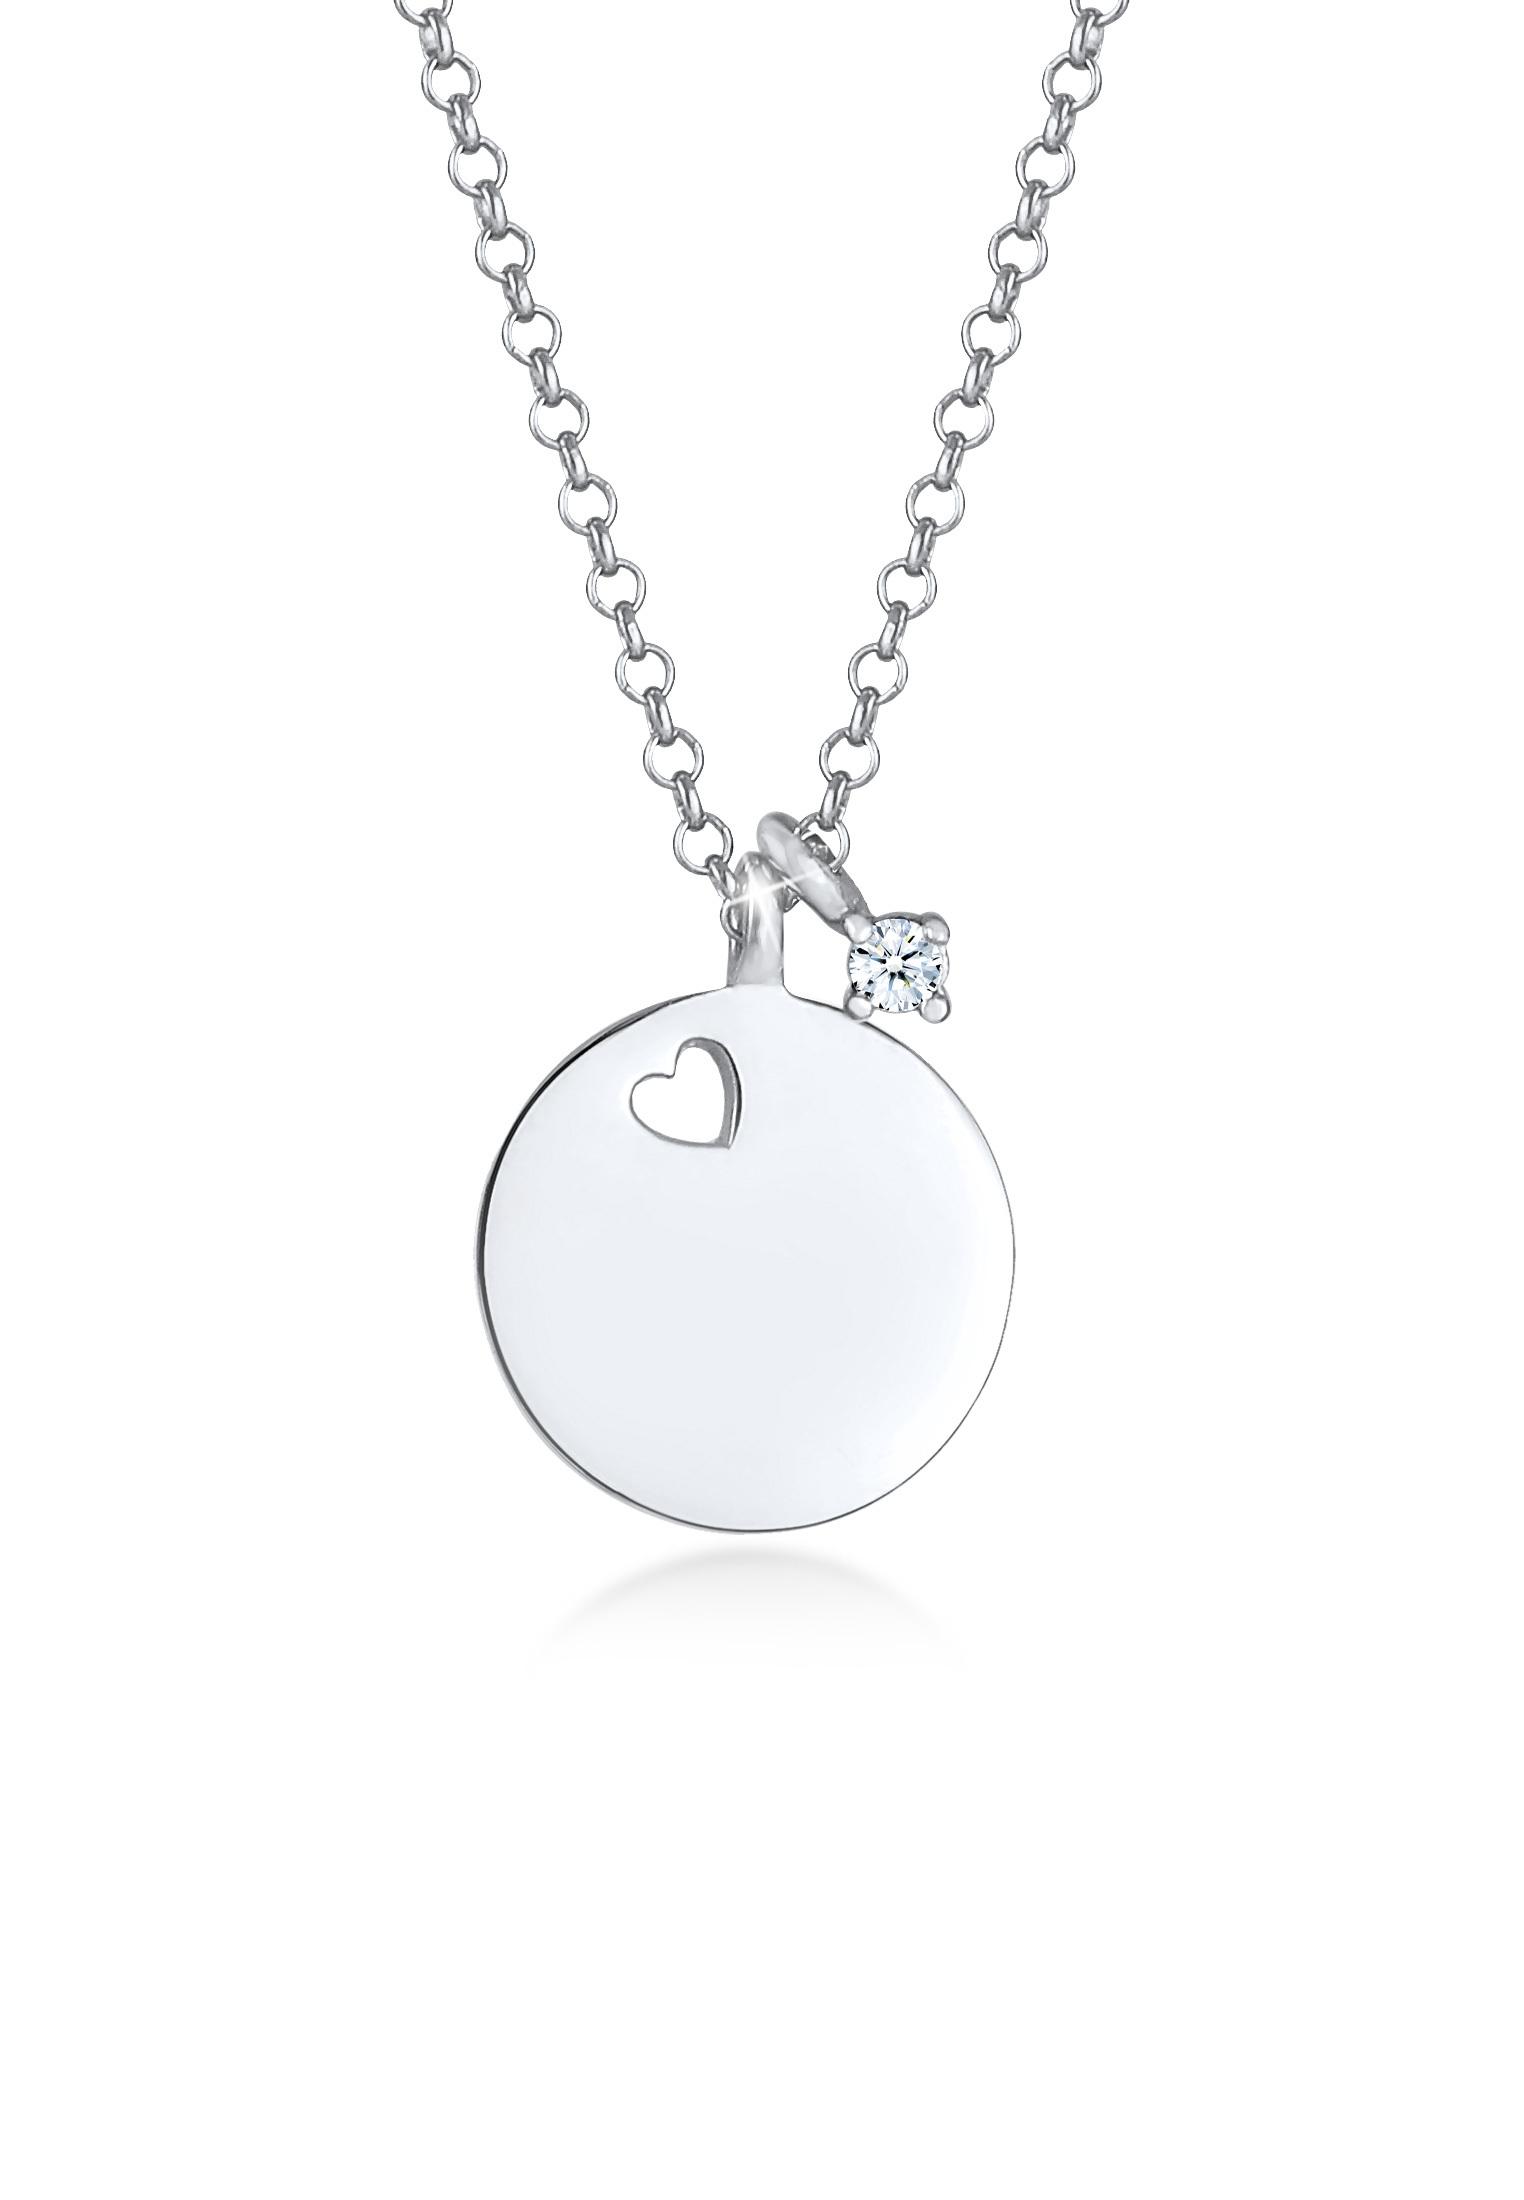 Halskette Herz   Diamant ( Weiß, 0,03 ct )   925er Sterling Silber